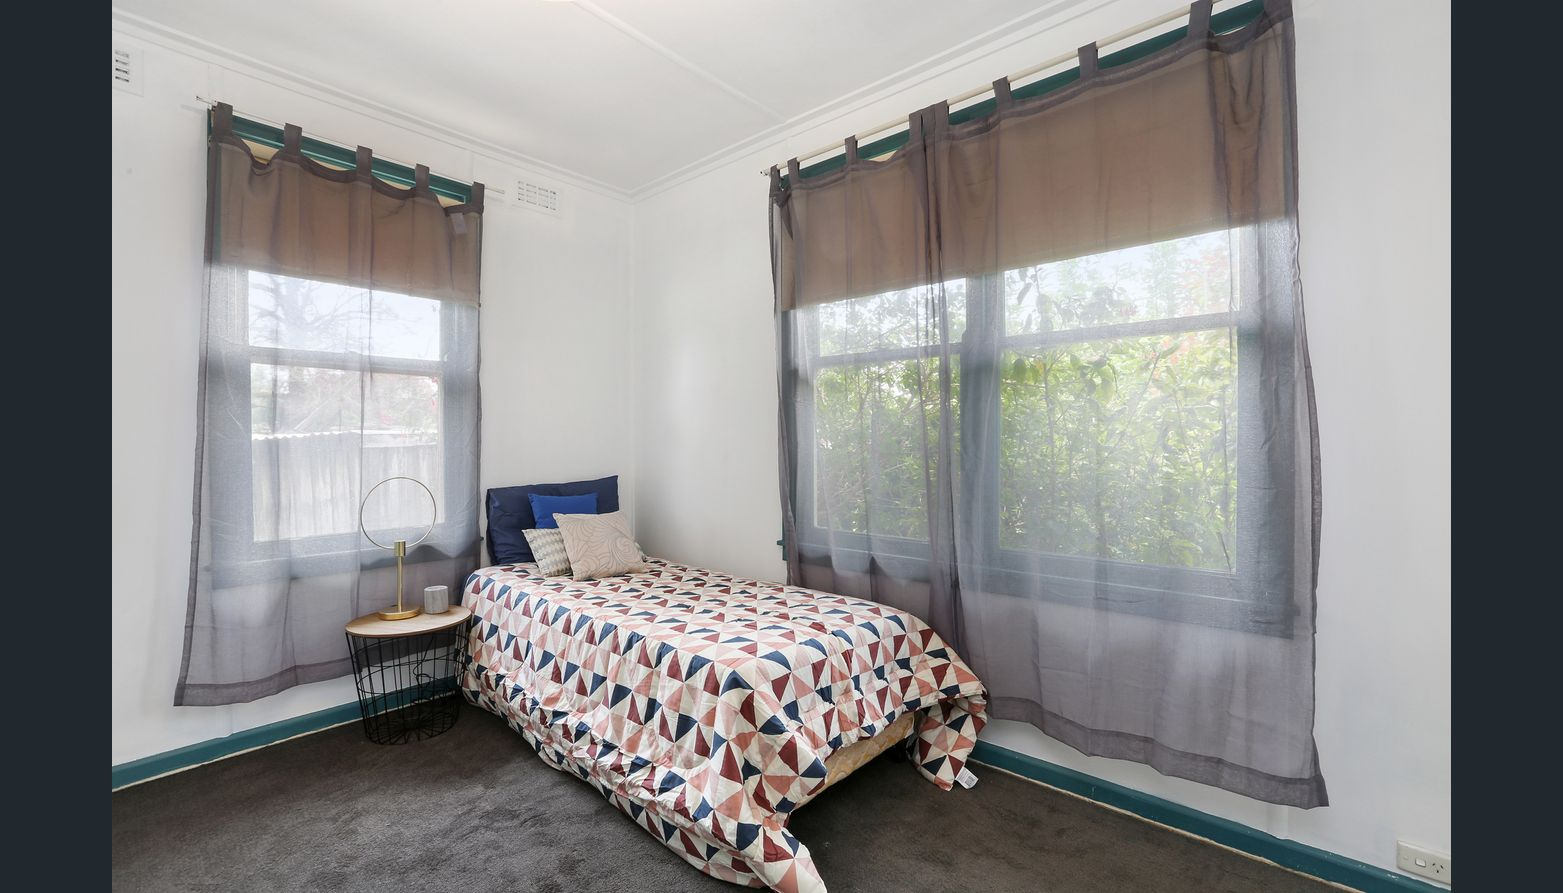 7928257__1592196732-32459-Bedroom2